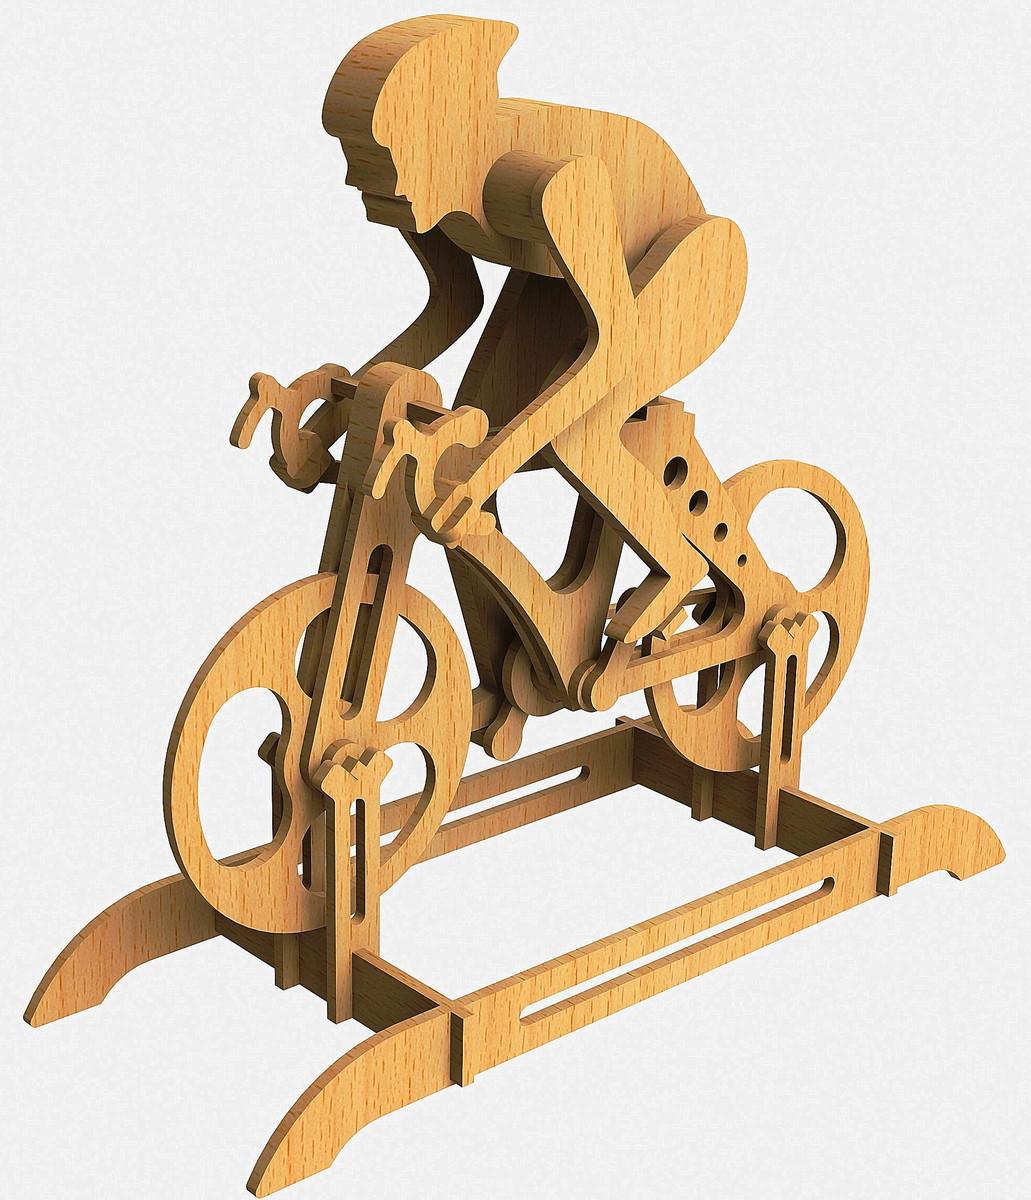 Laser Cut Racing Bike Racer Bicycle Free DXF File